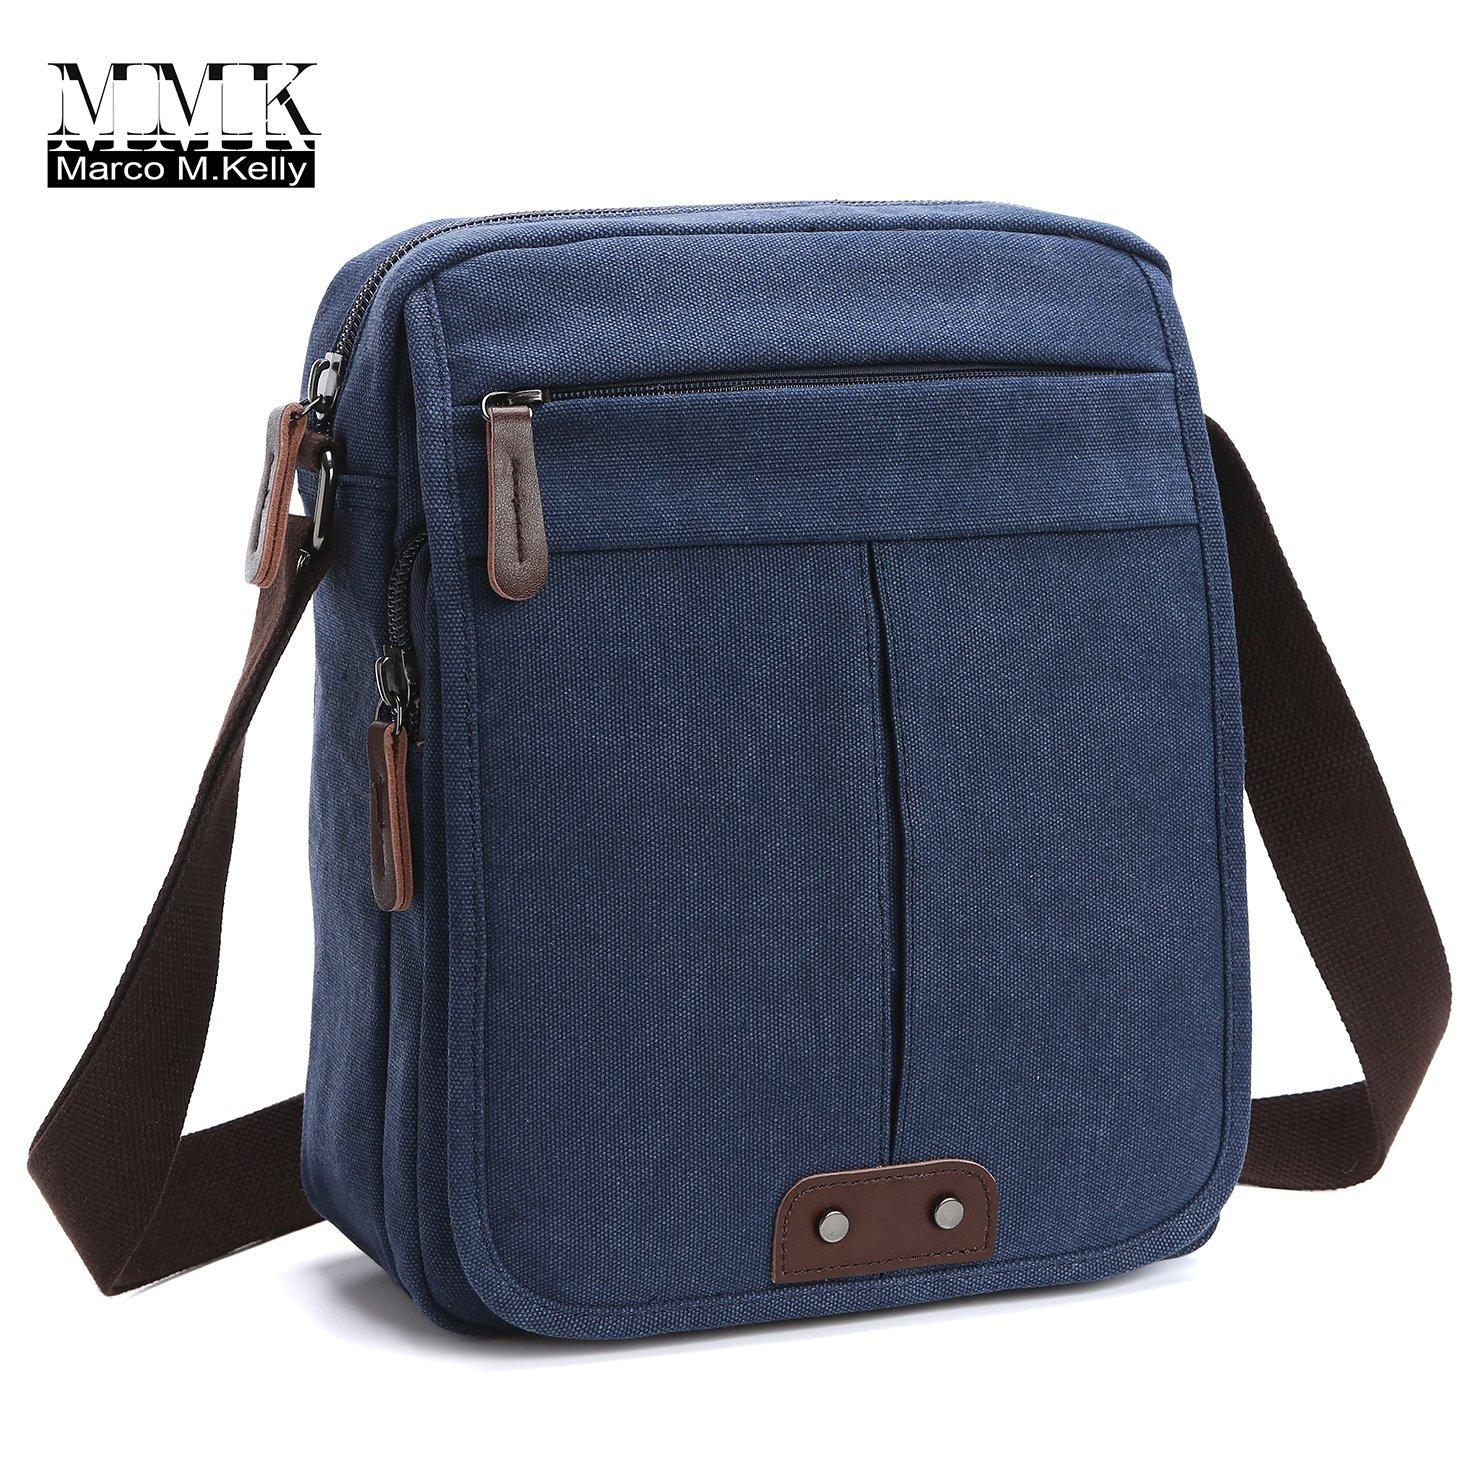 Canvas Leather Messenger Purse Shoulder Bag~Lightweight Crossbody Bag~Book bag ~Functional Multi Vintage Lightweight Casual Shoulder Bag Travel Organizer Bag Multi-pocket Working Bag (MG-8842 Navy)